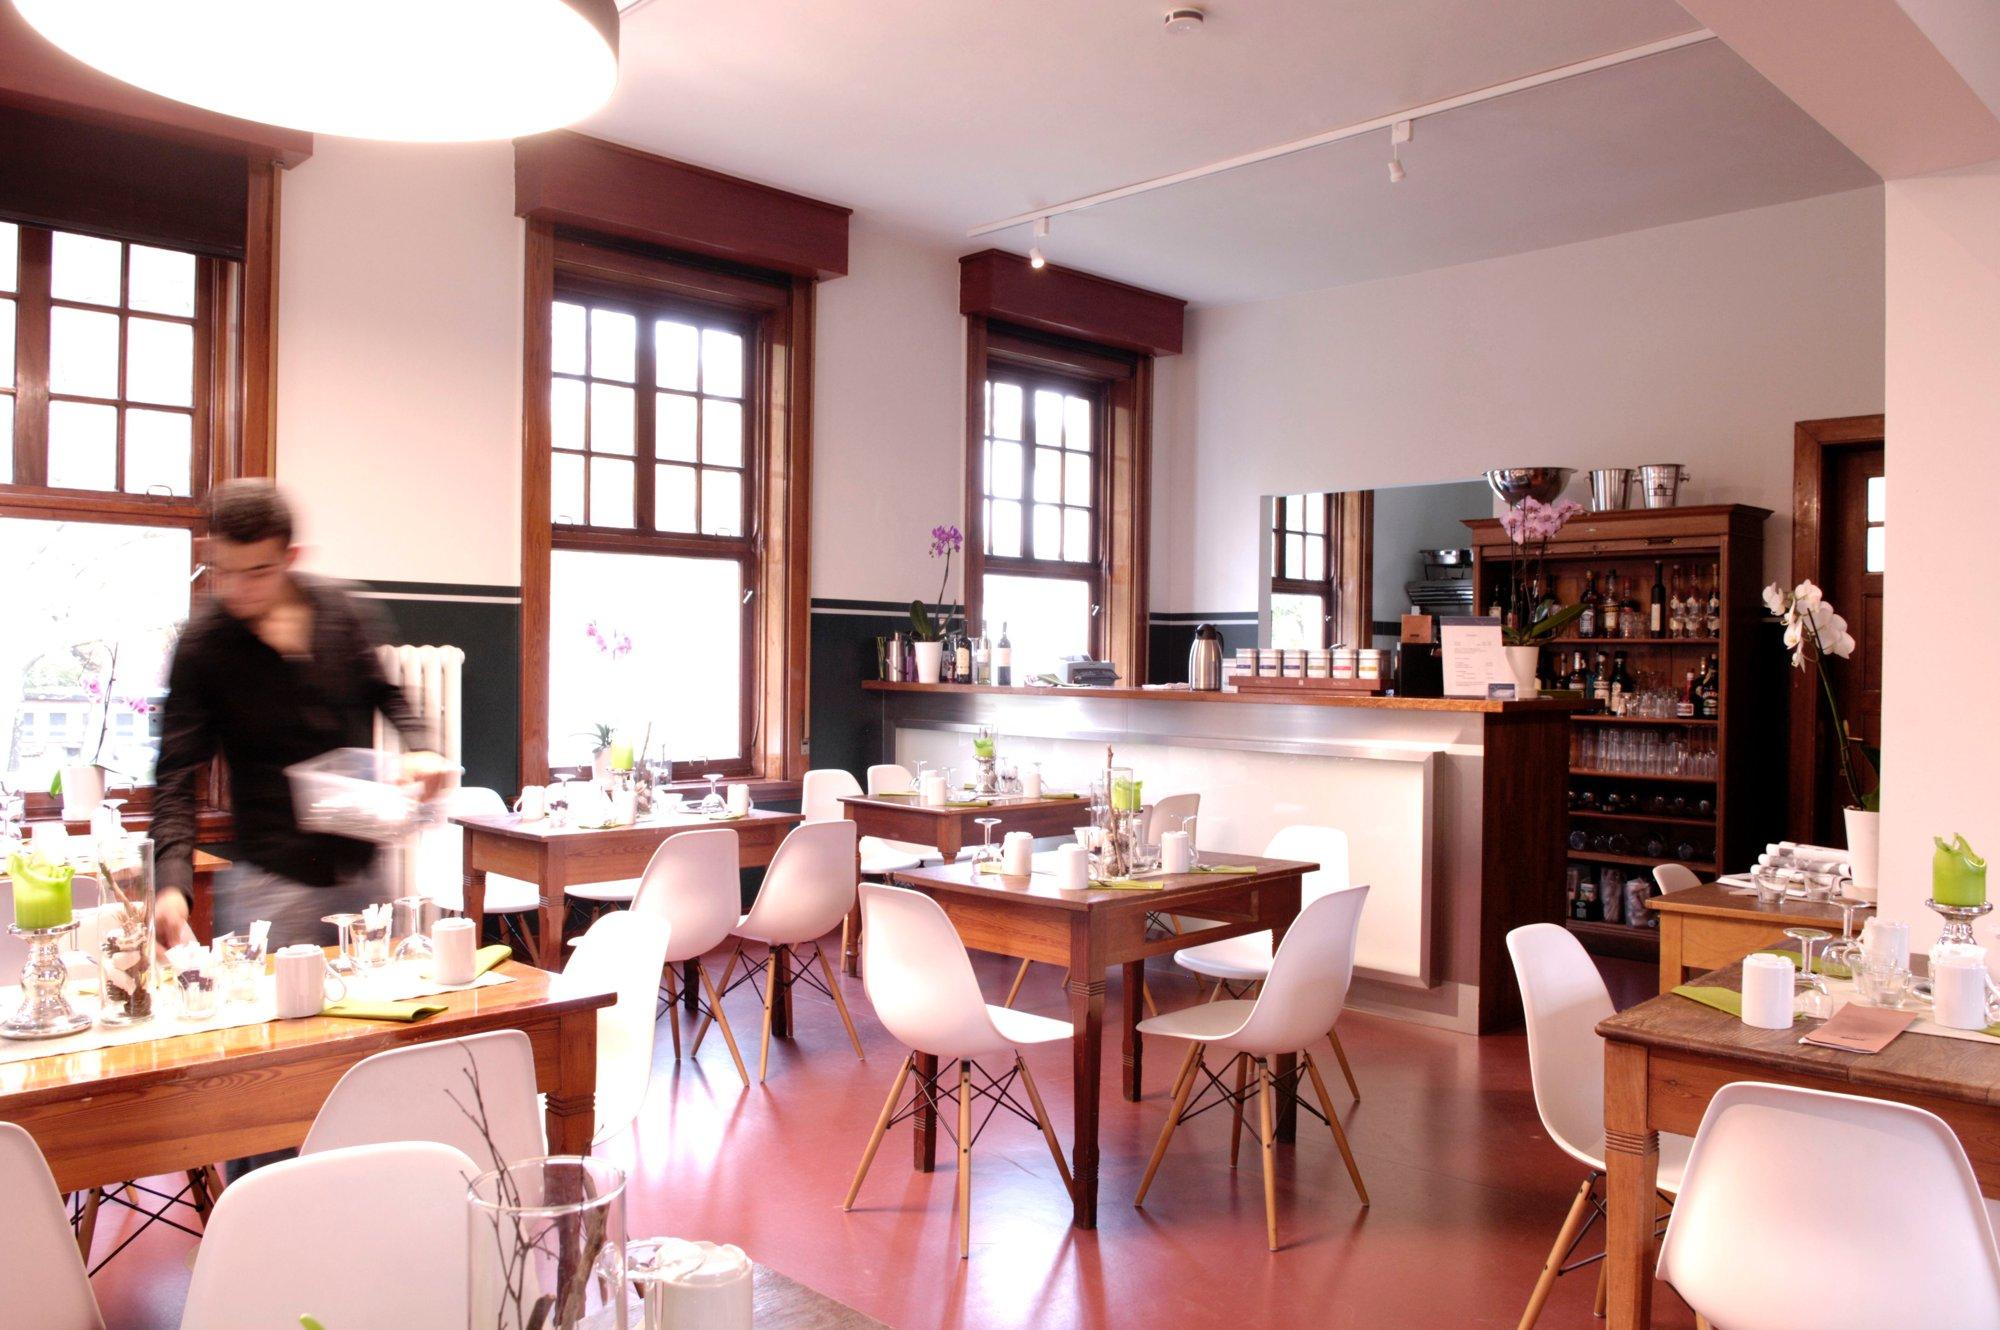 Das Restaurant mit vielen Stühlen und einem Kellner in Aktion